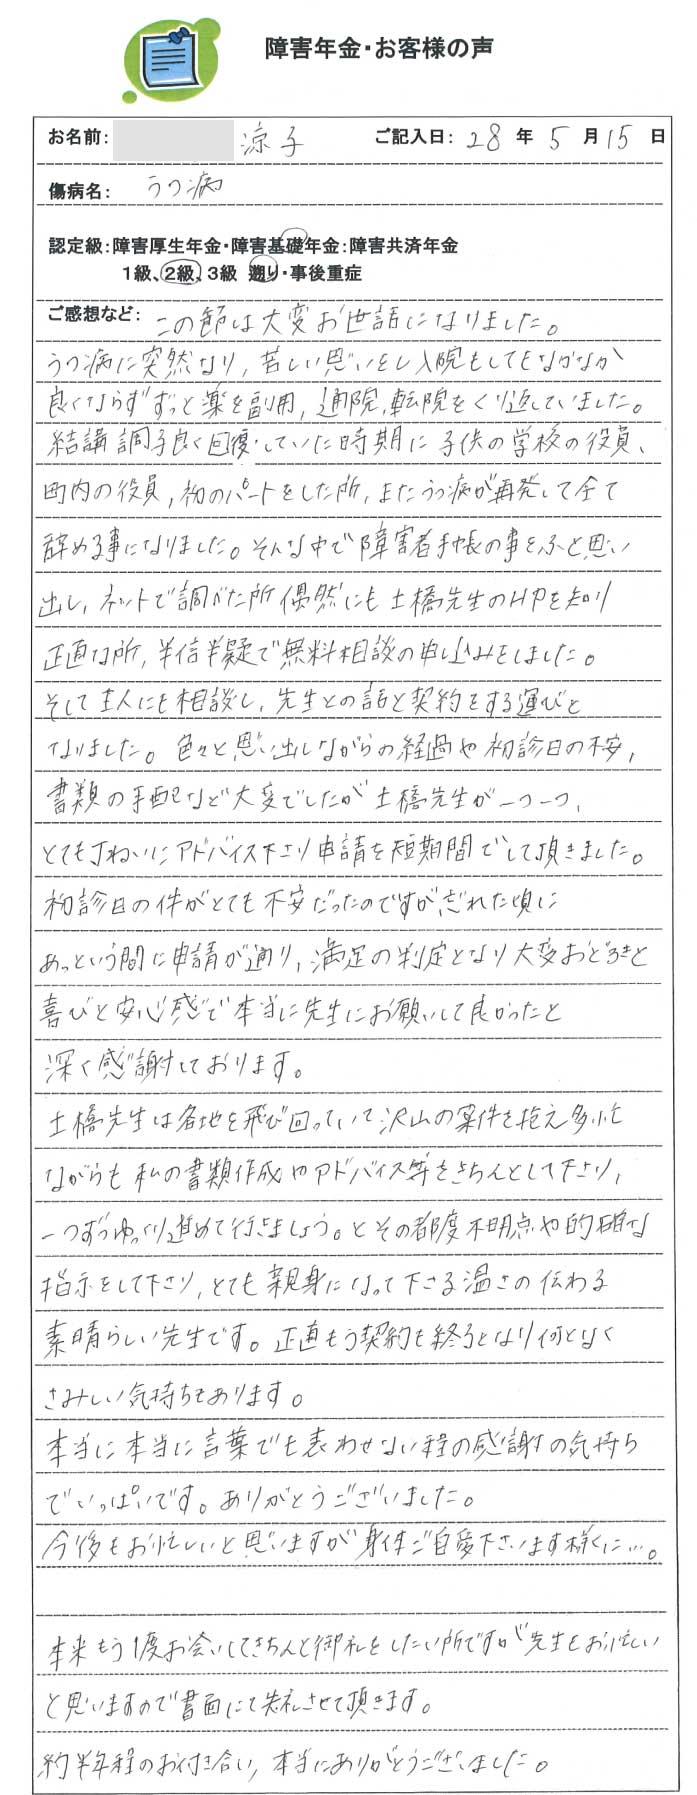 涼子様のご依頼から申請までの経過